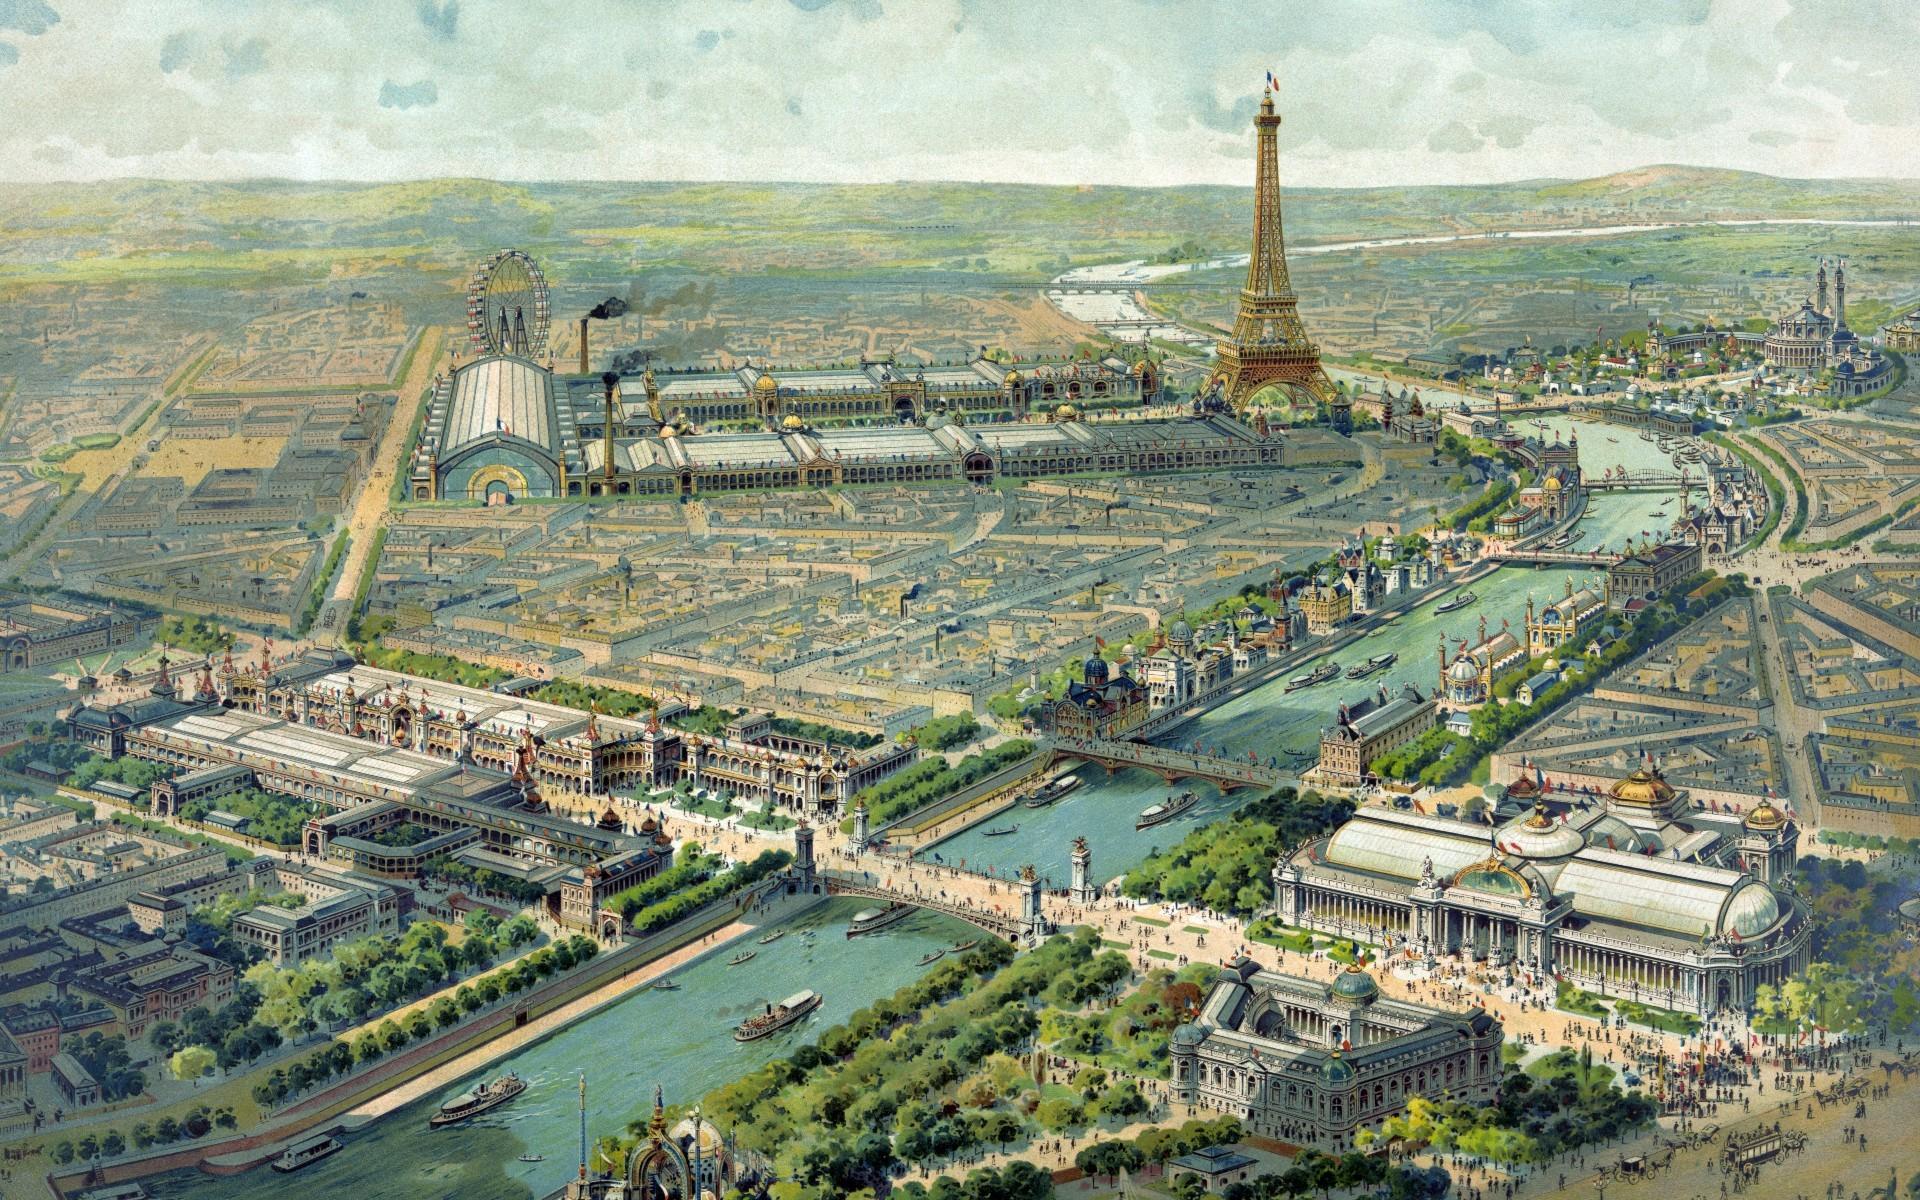 Imagen de la Exposición Universal de París 1900